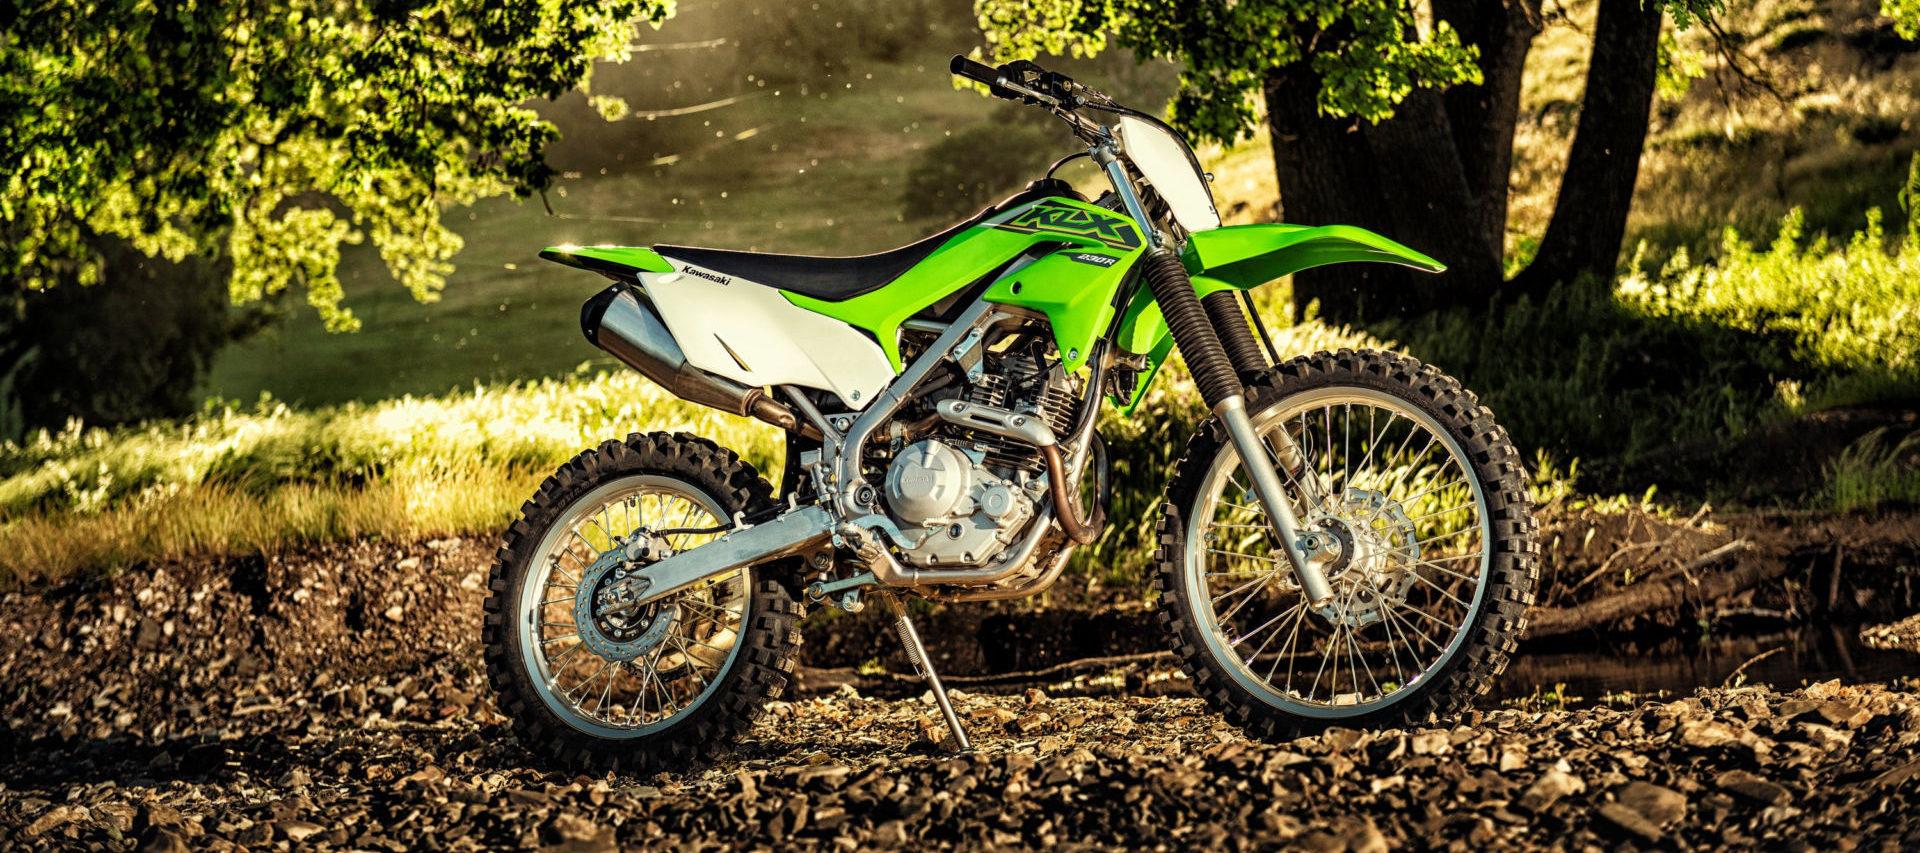 A 2021 Kawasaki KLX230R. Photo courtesy Kawasaki Motors Corp., U.S.A.